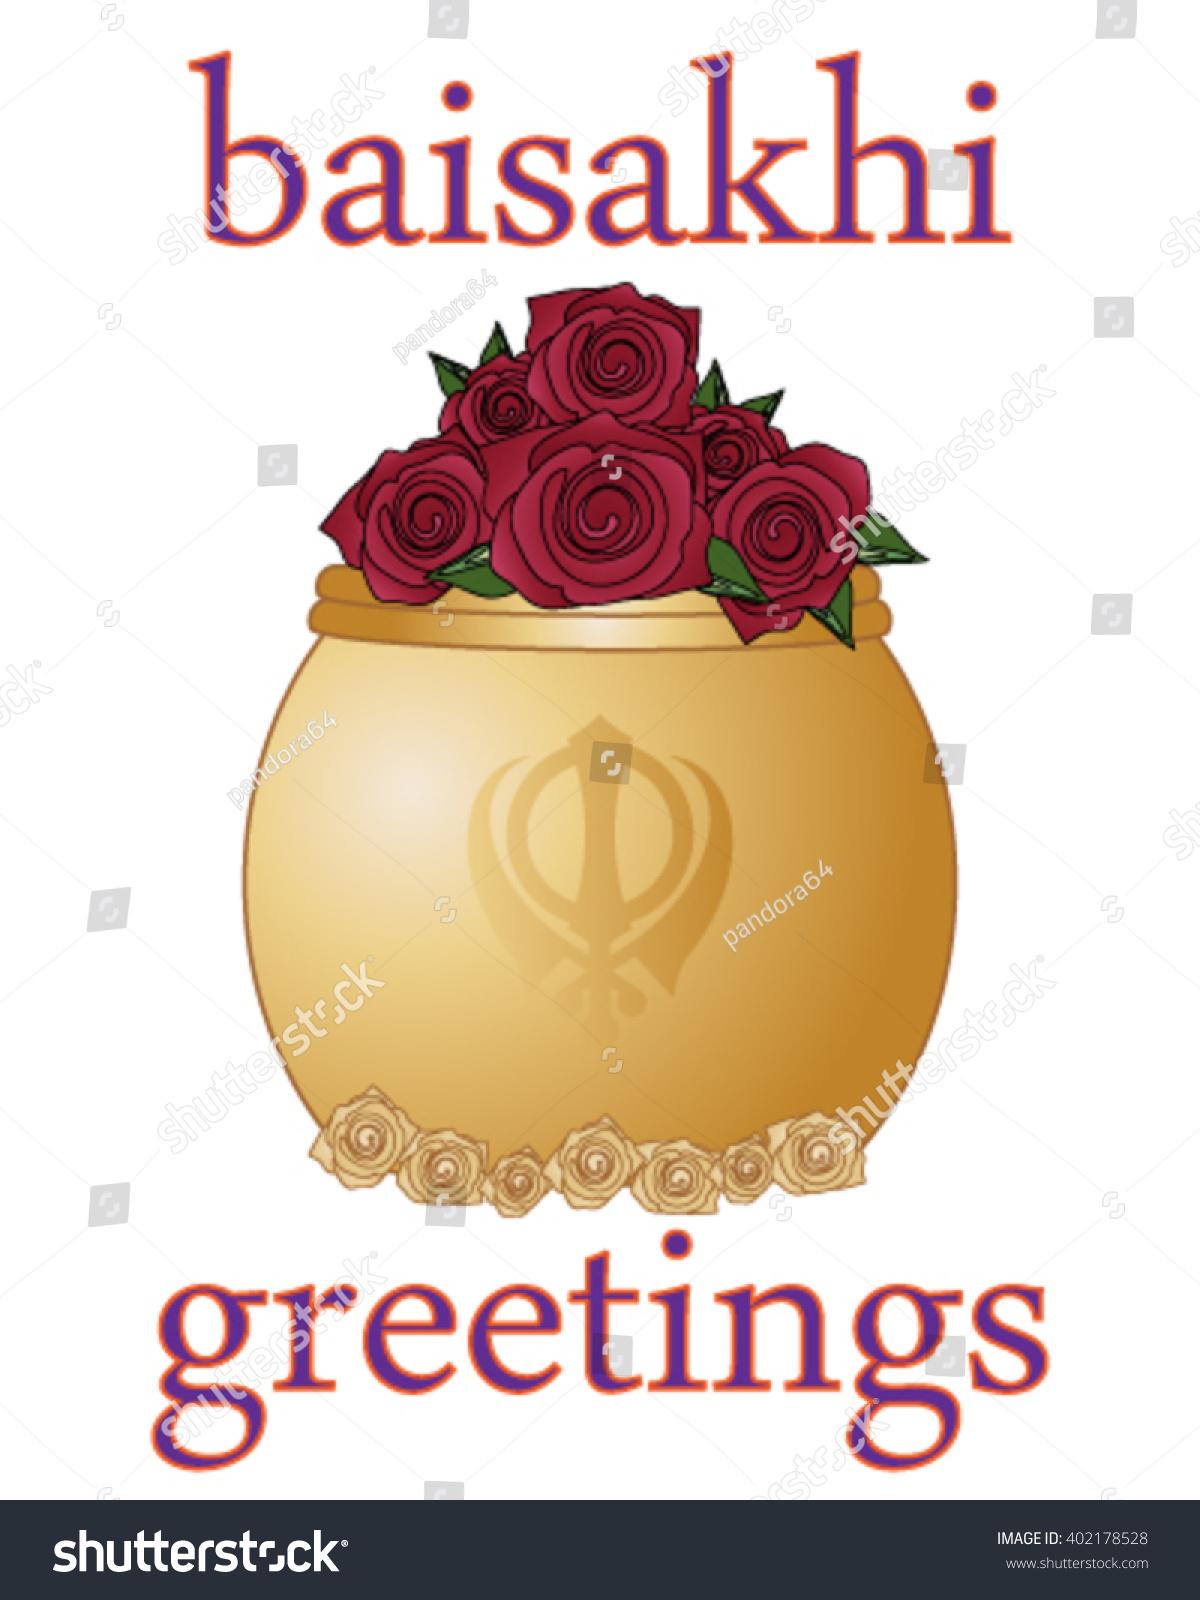 Vector Illustration Eps 10 Format Baisakhi Vector 402178528 – Greeting Card Format